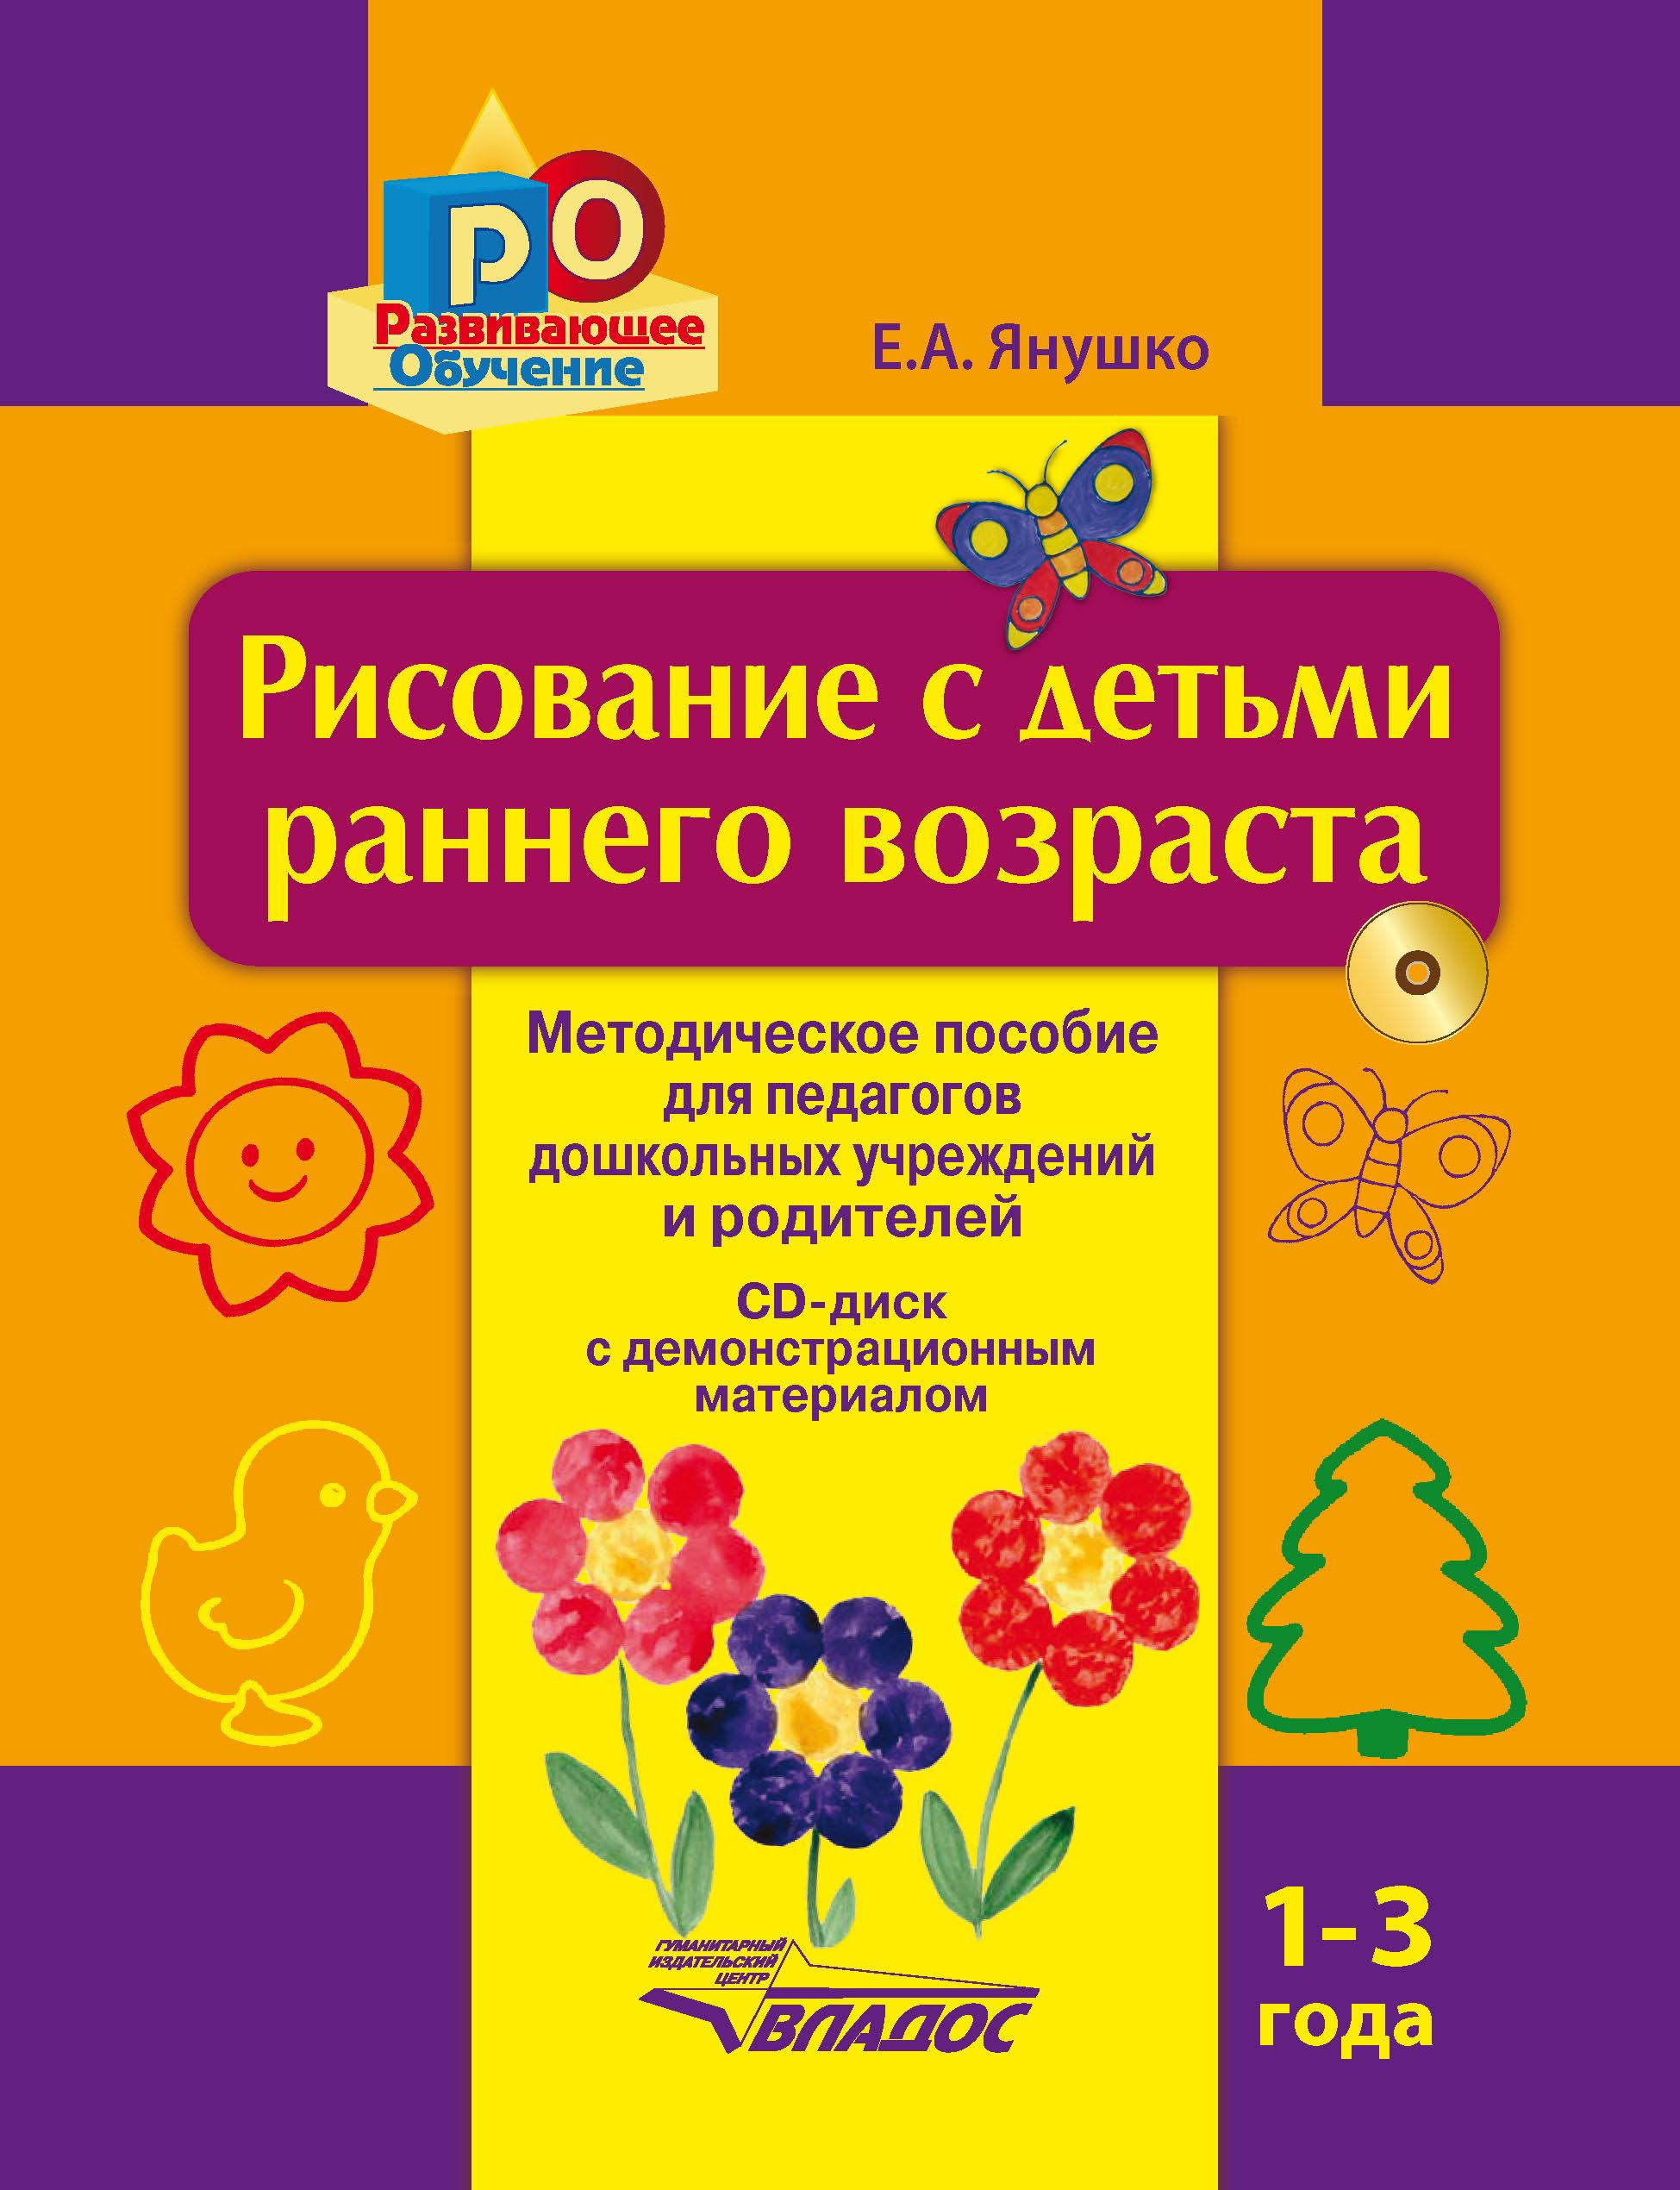 Рисование с детьми раннего возраста. 1-3 года. Методическое пособие для педагогов дошкольных учреждений и родителей